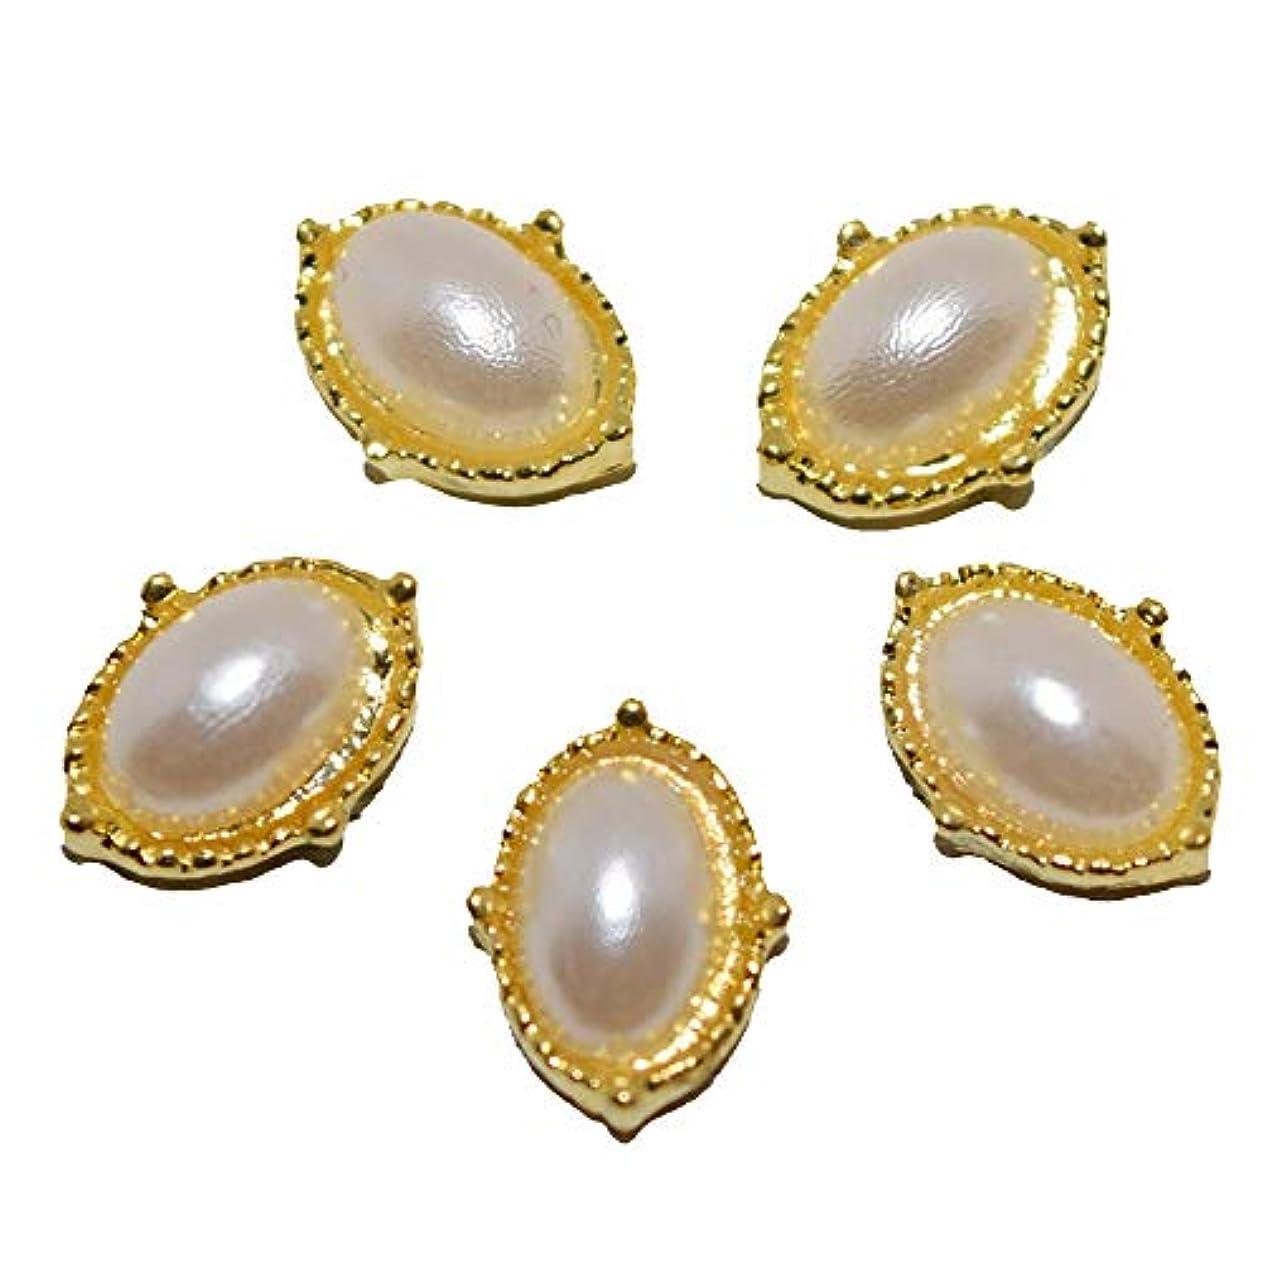 公演電話をかける旅行者10個入り金馬の目の真珠3Dネイルアートの装飾合金ネイルチャームネイルズラインストーン用品